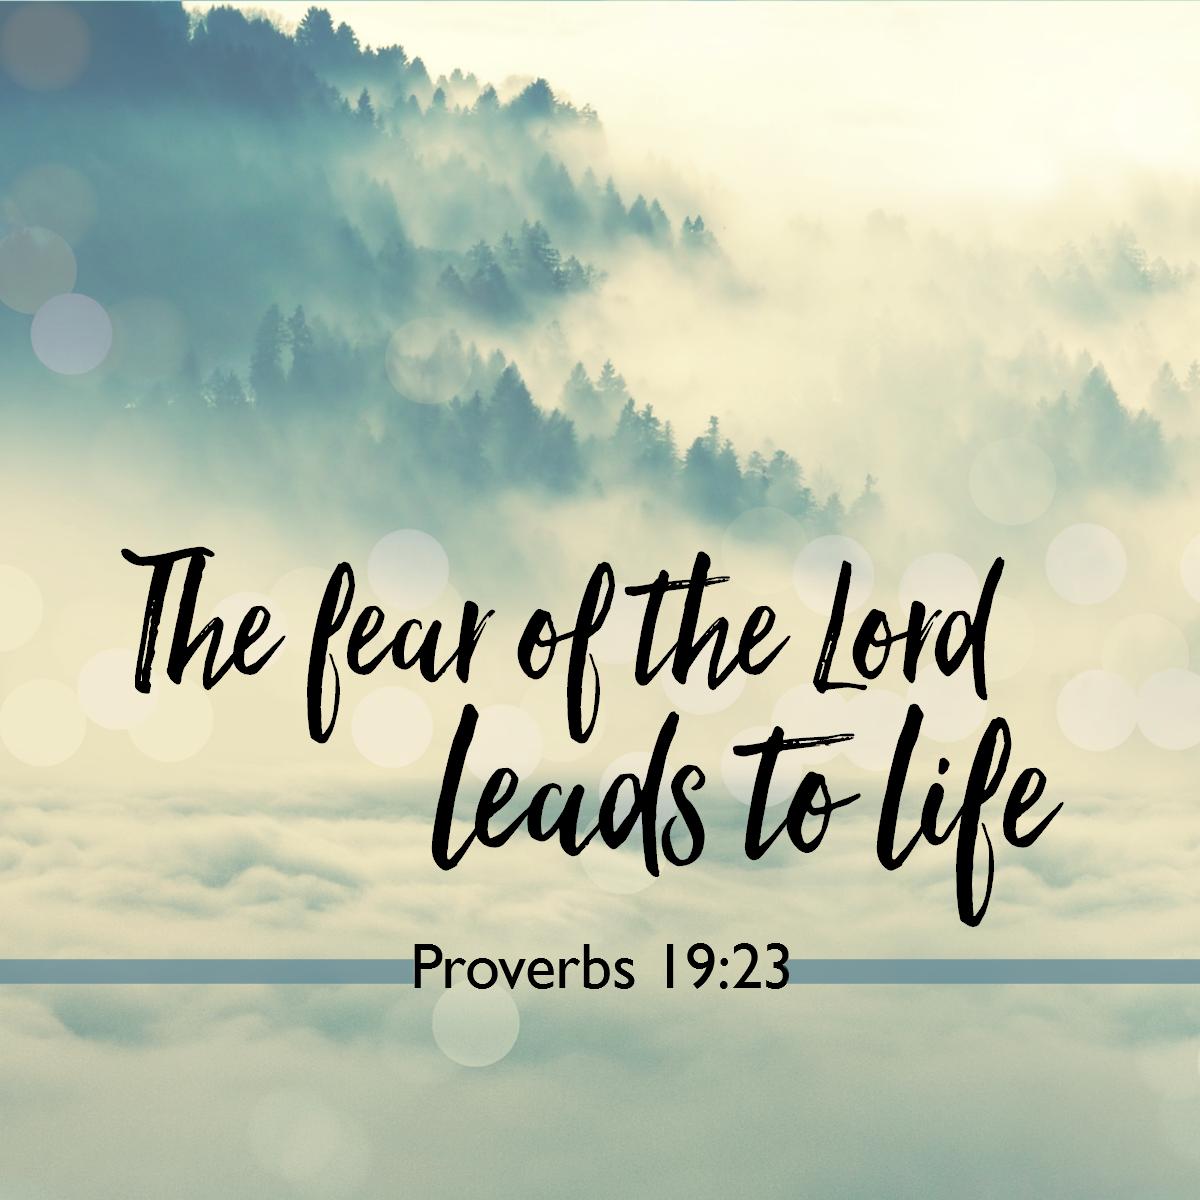 Proverbs 19:23